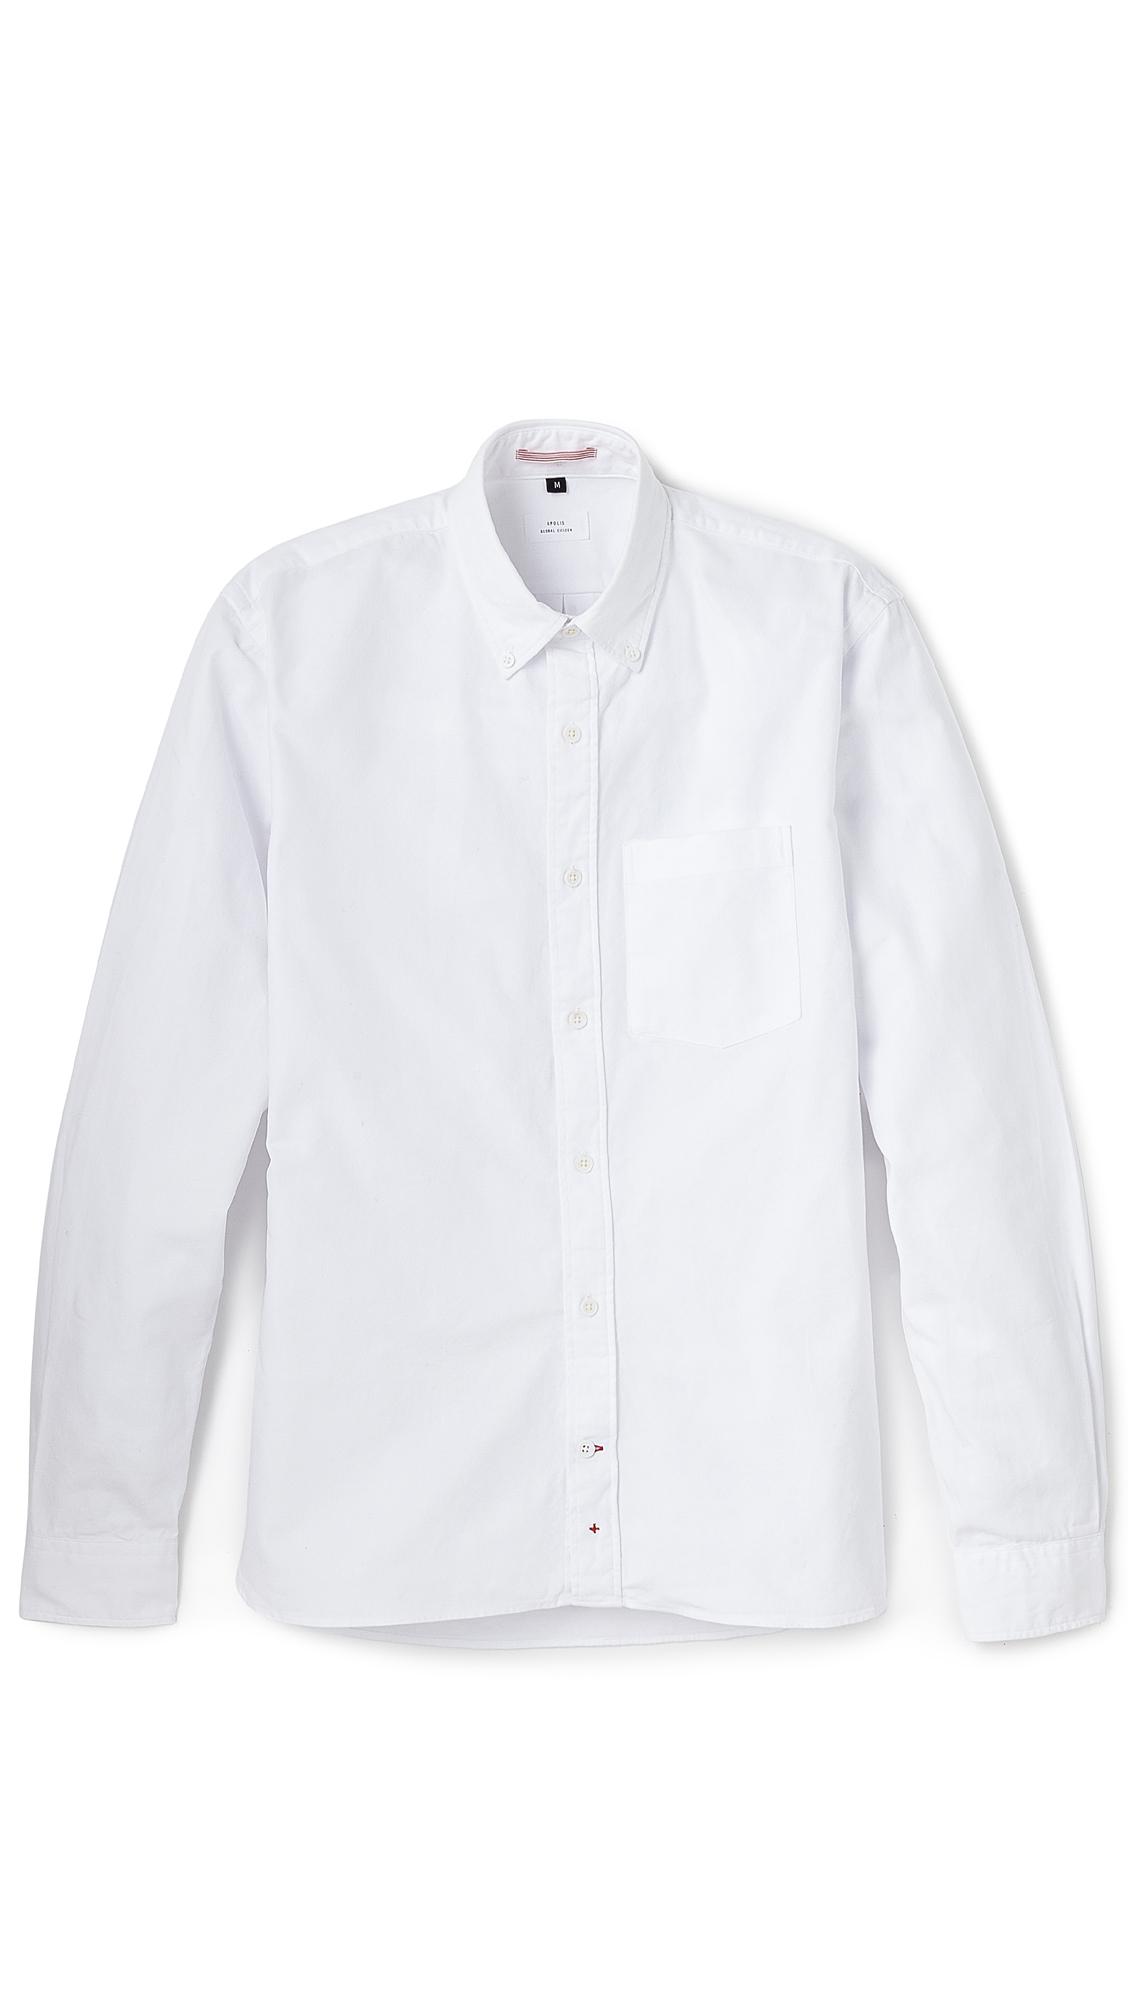 Apolis oxford button down shirt in white for men lyst for White button down oxford shirt